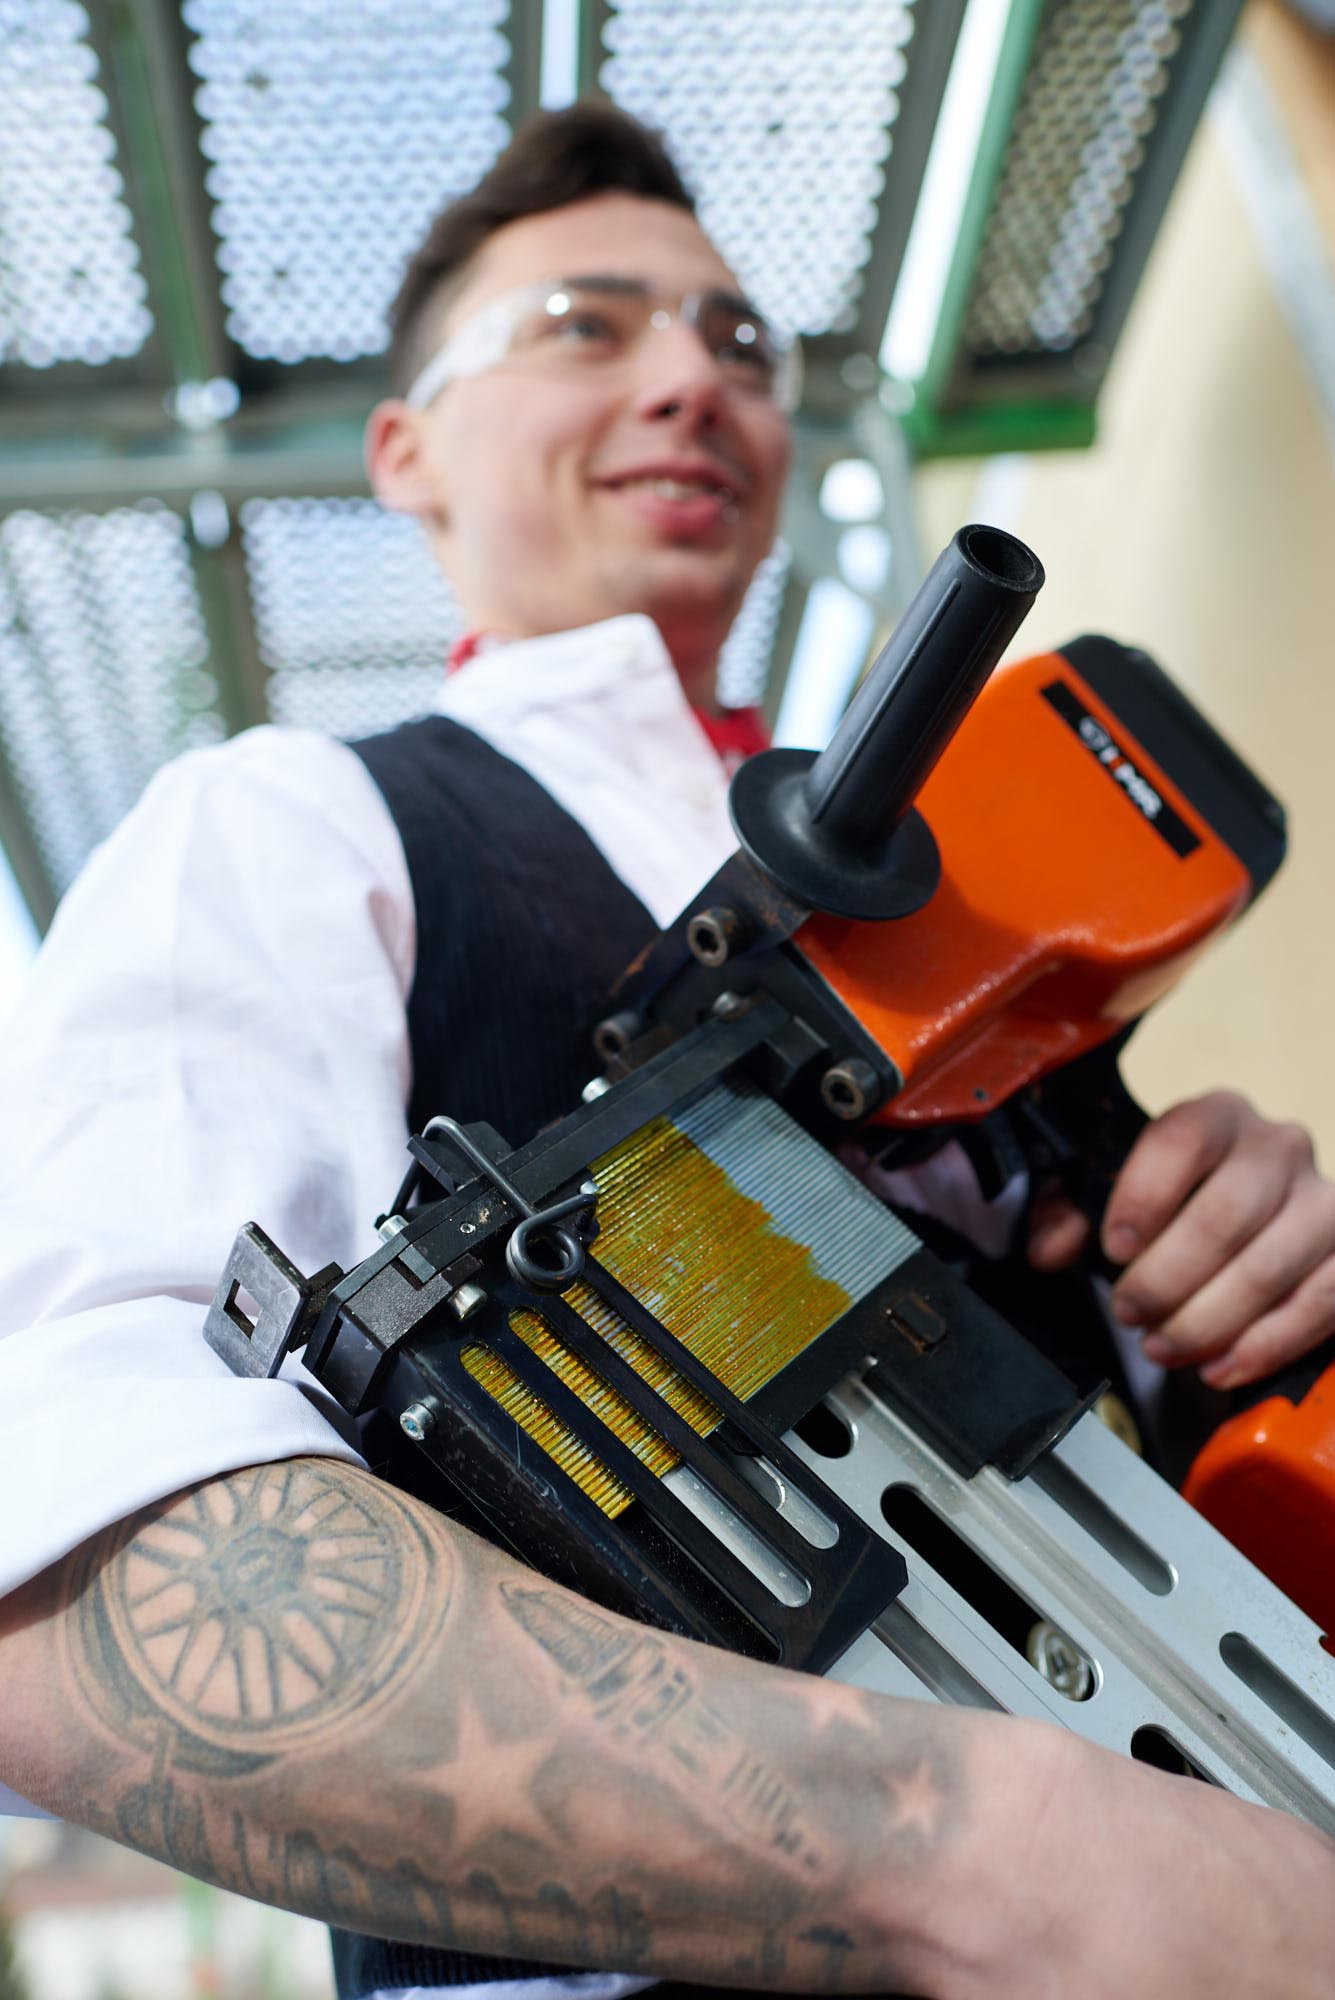 KMR 11295 - KMR Verbindungstechnik: Starke Geräte im Einsatz